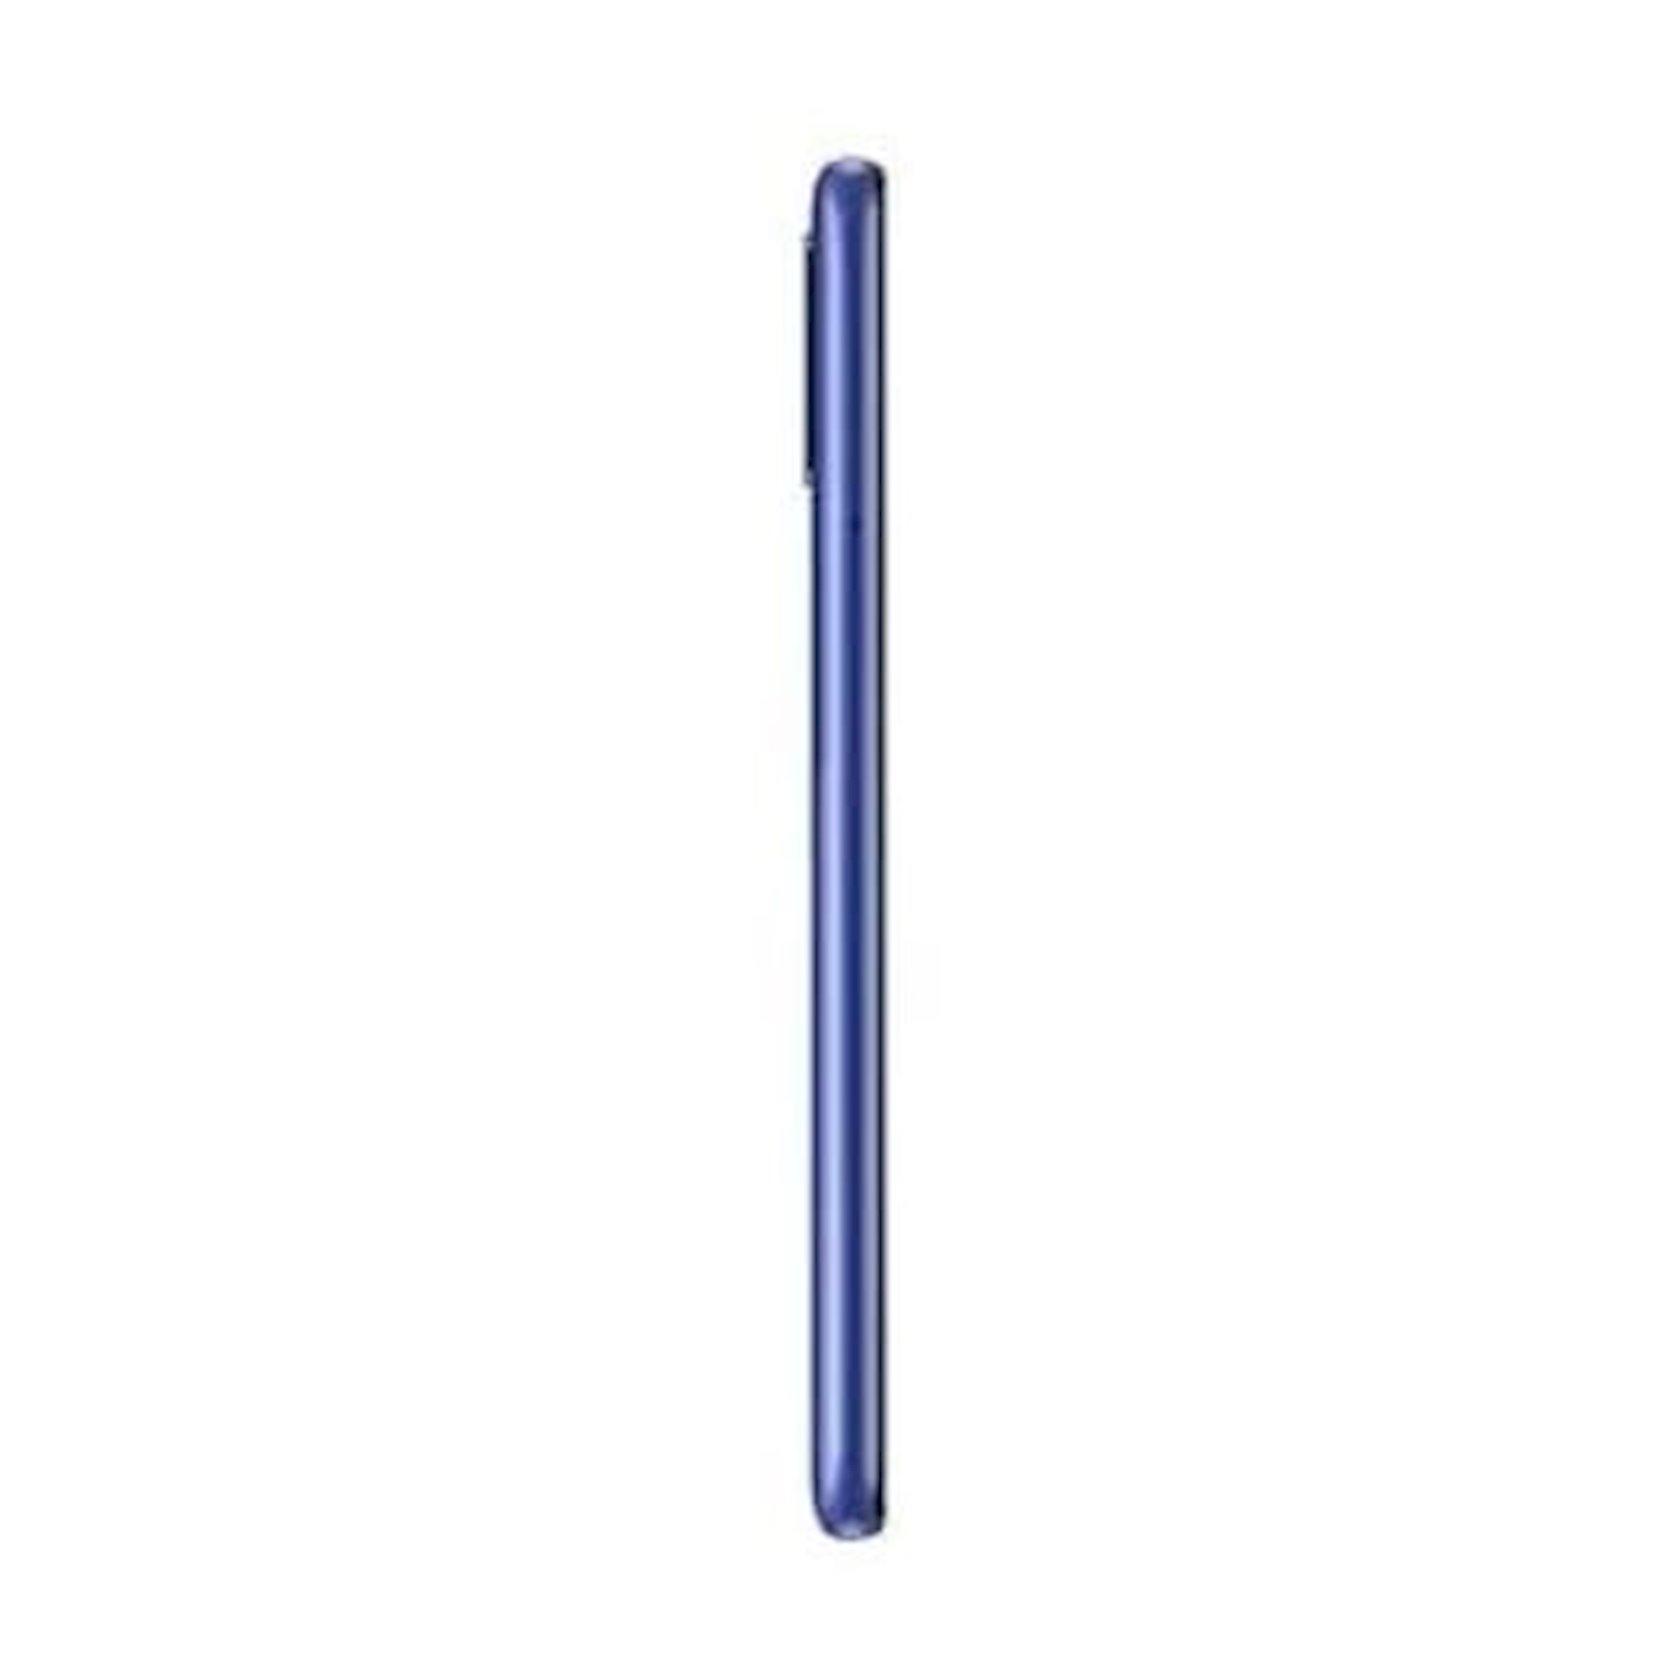 Smartfon Samsung Galaxy A31 4GB/128GB Prism Crush Blue